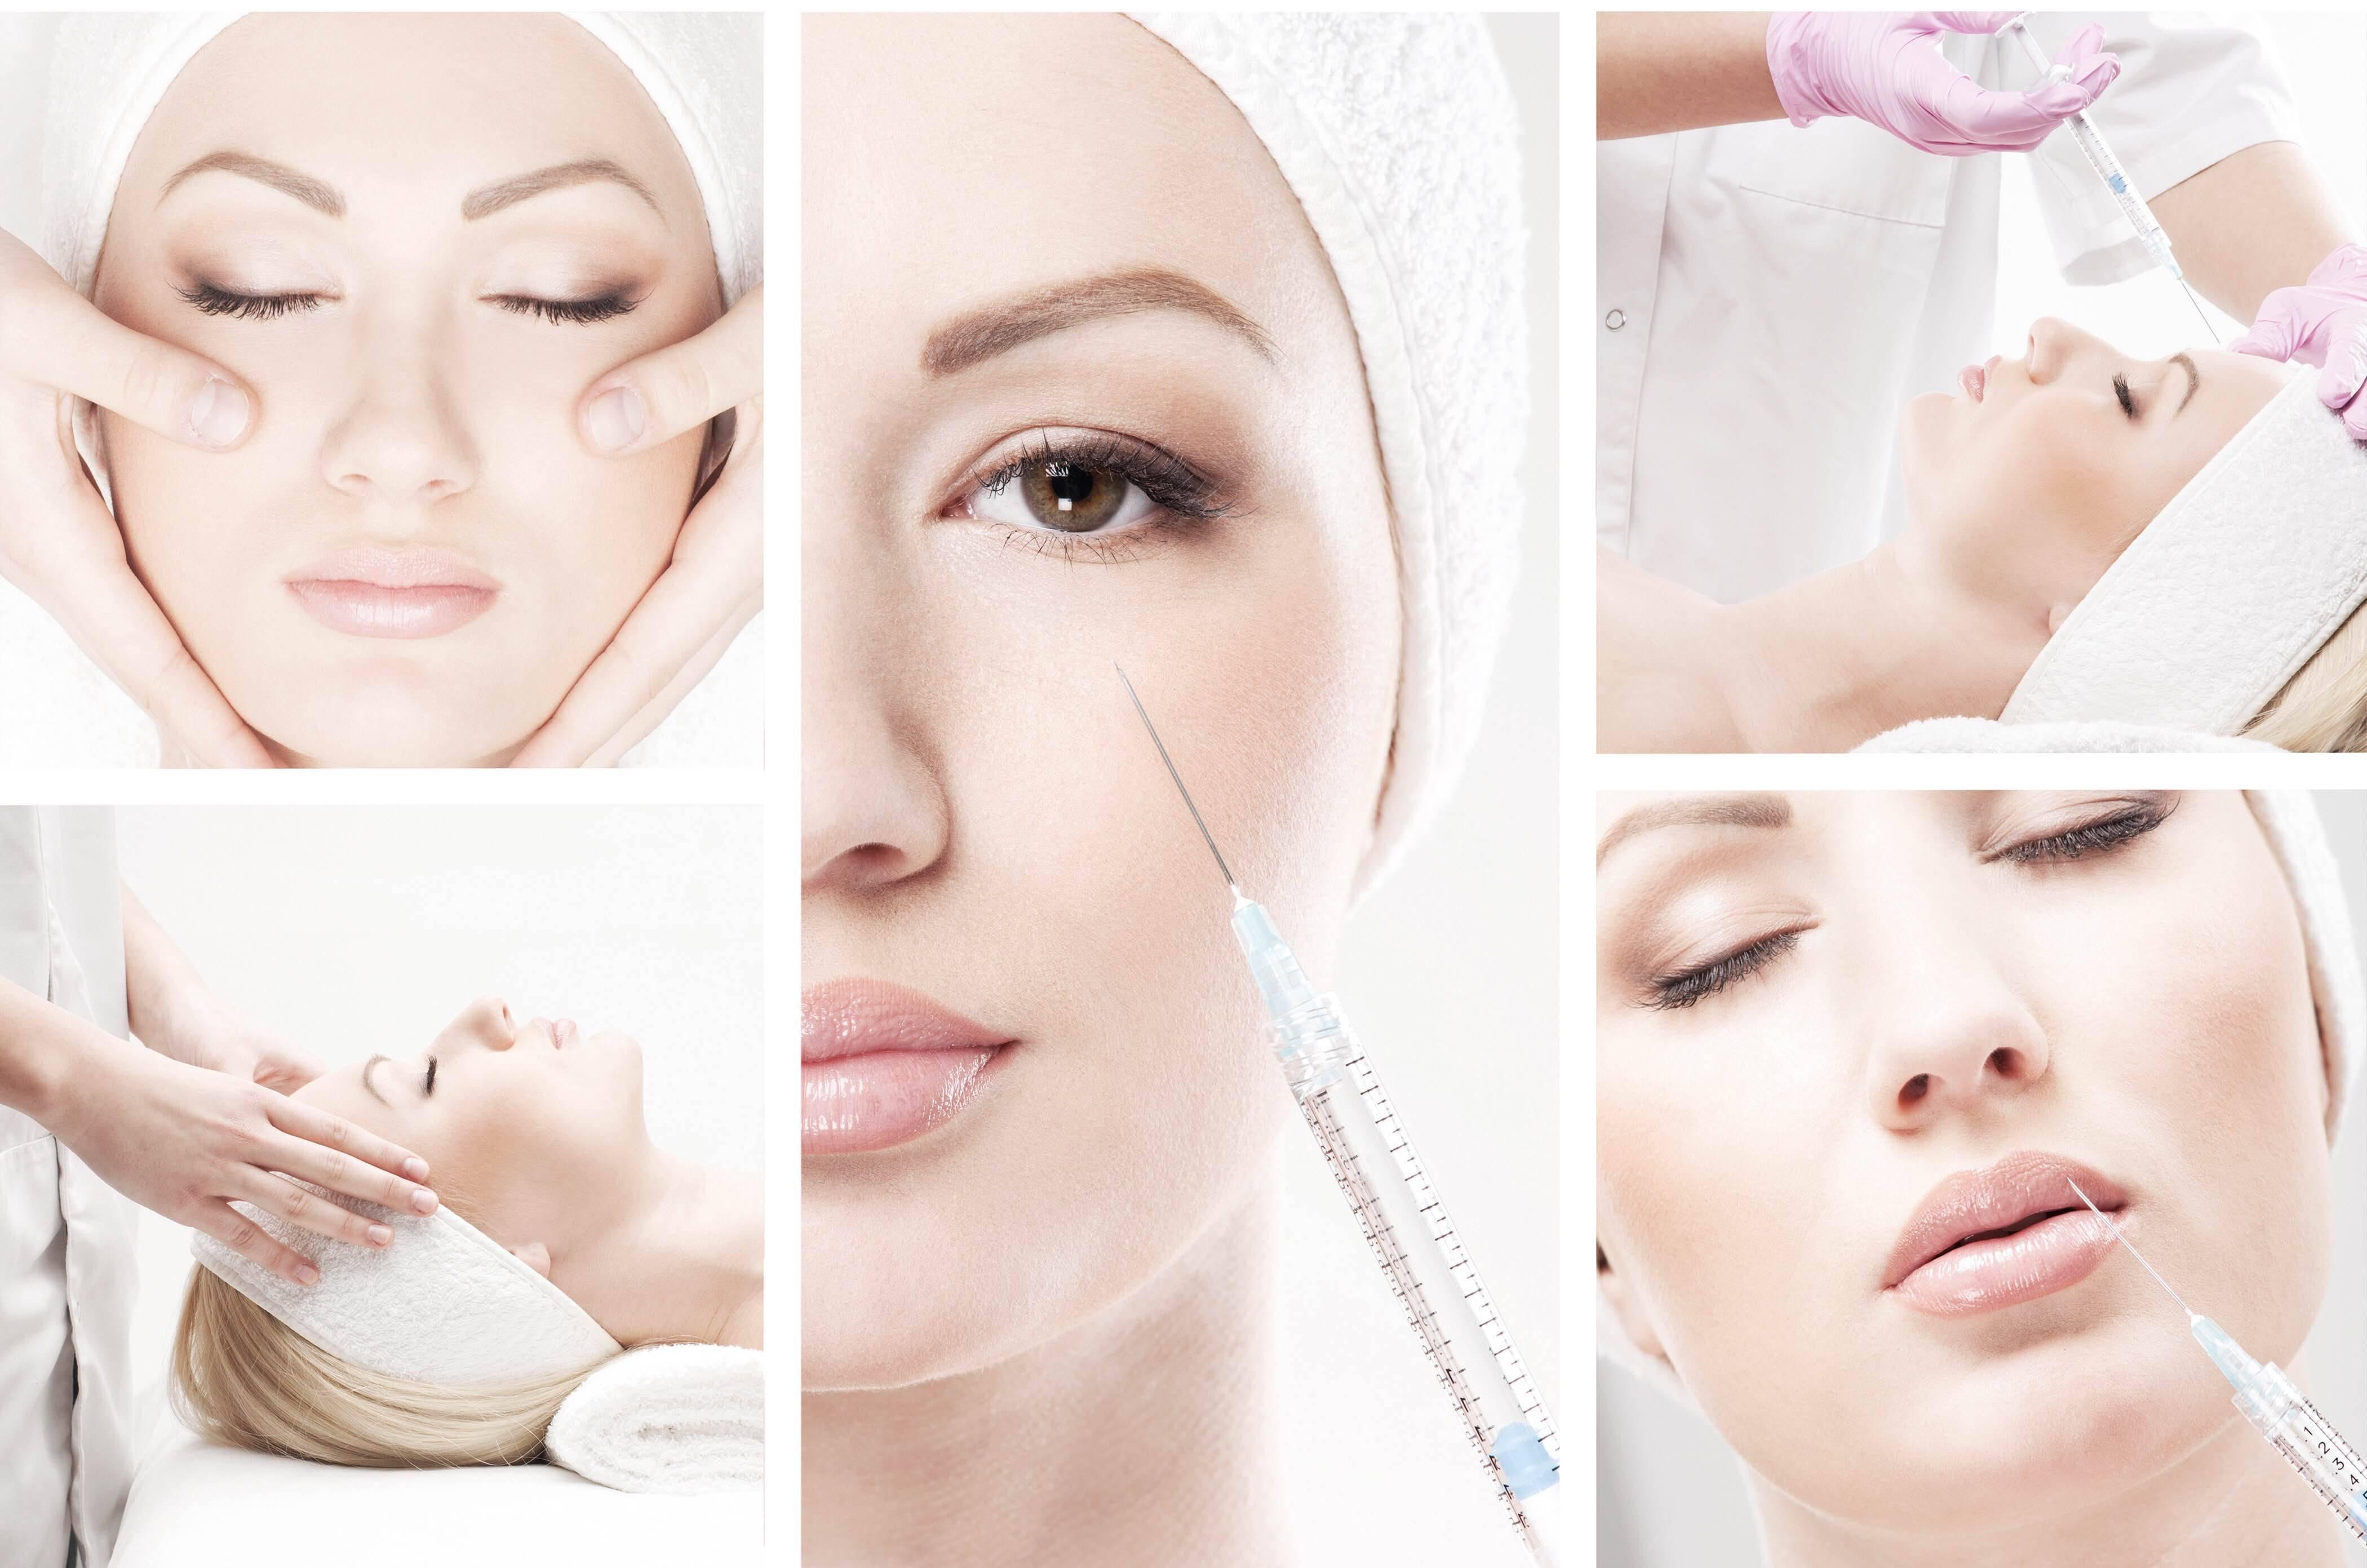 Prp терапия regenlab – новая методика клеточного омоложения лица